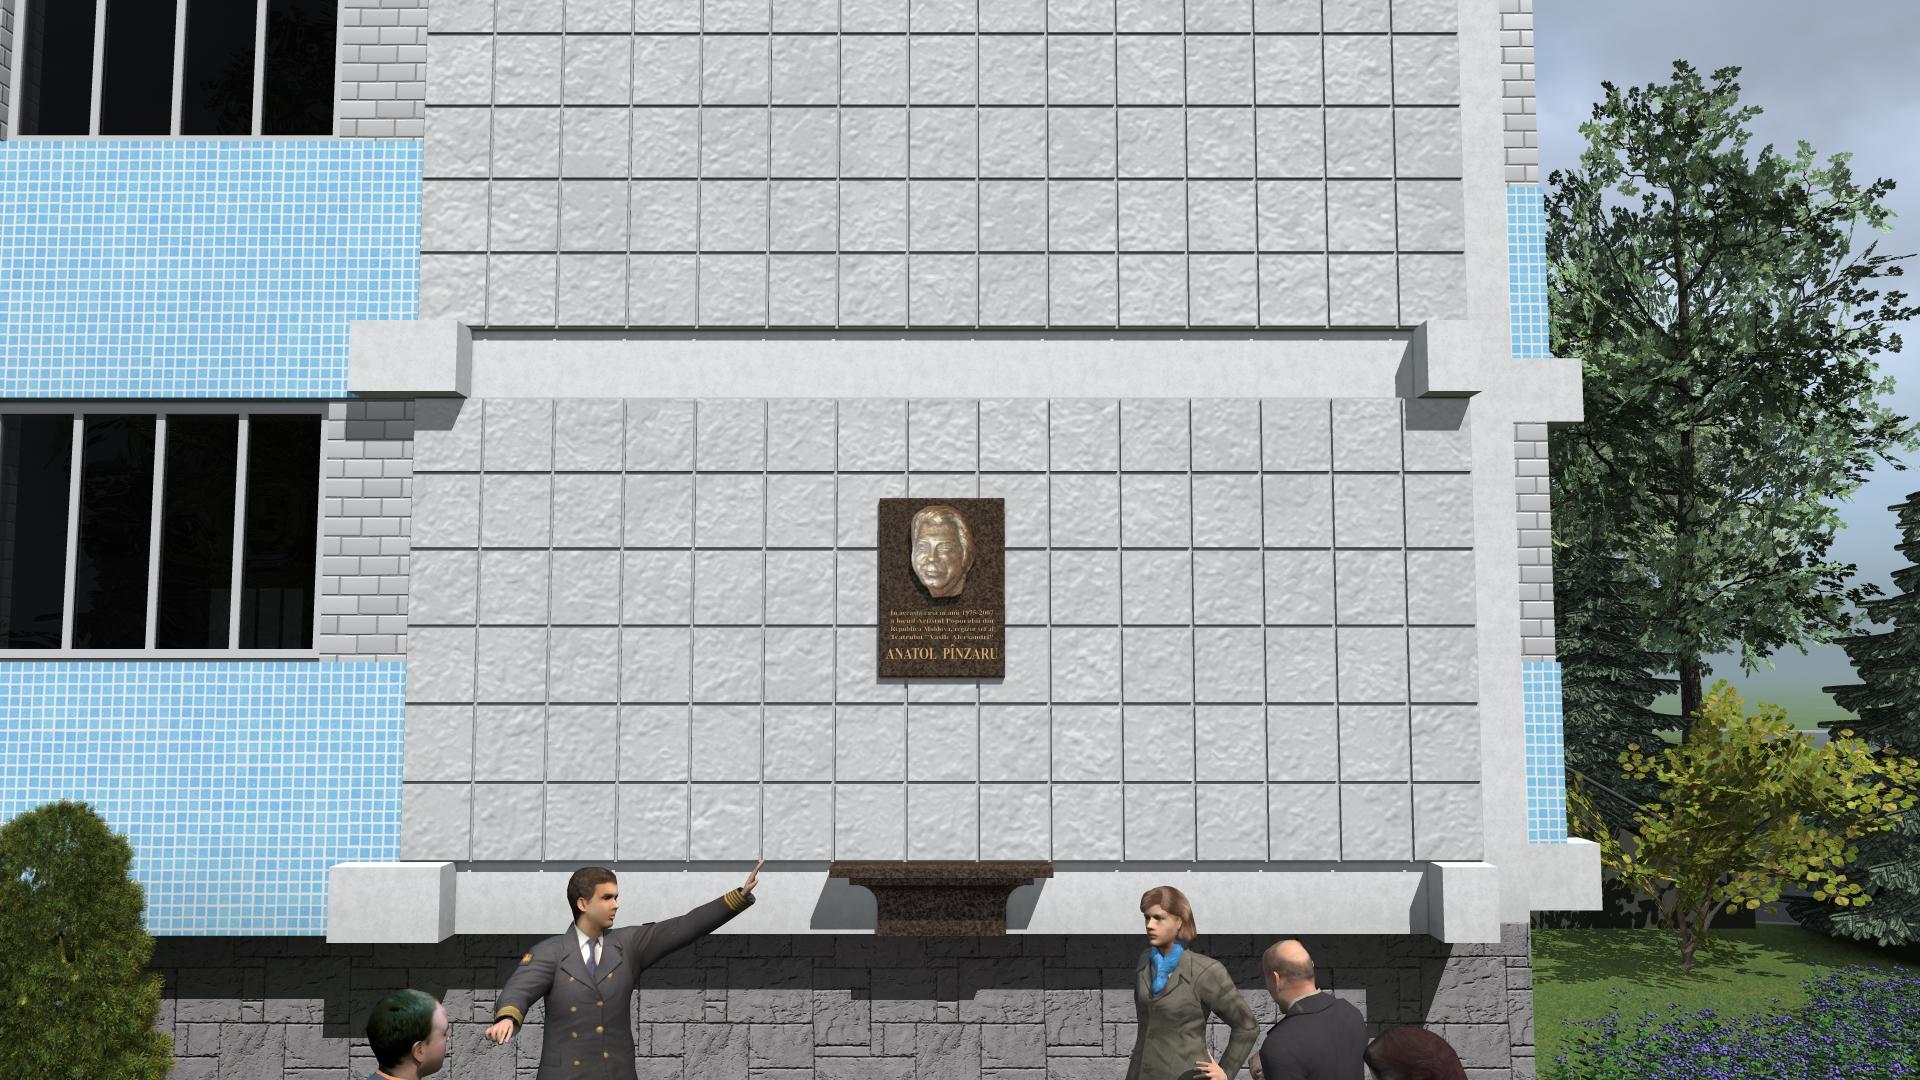 VIDEO | La Bălți va fi înființată o placă comemorativă în memoria lui Anatol Pânzaru